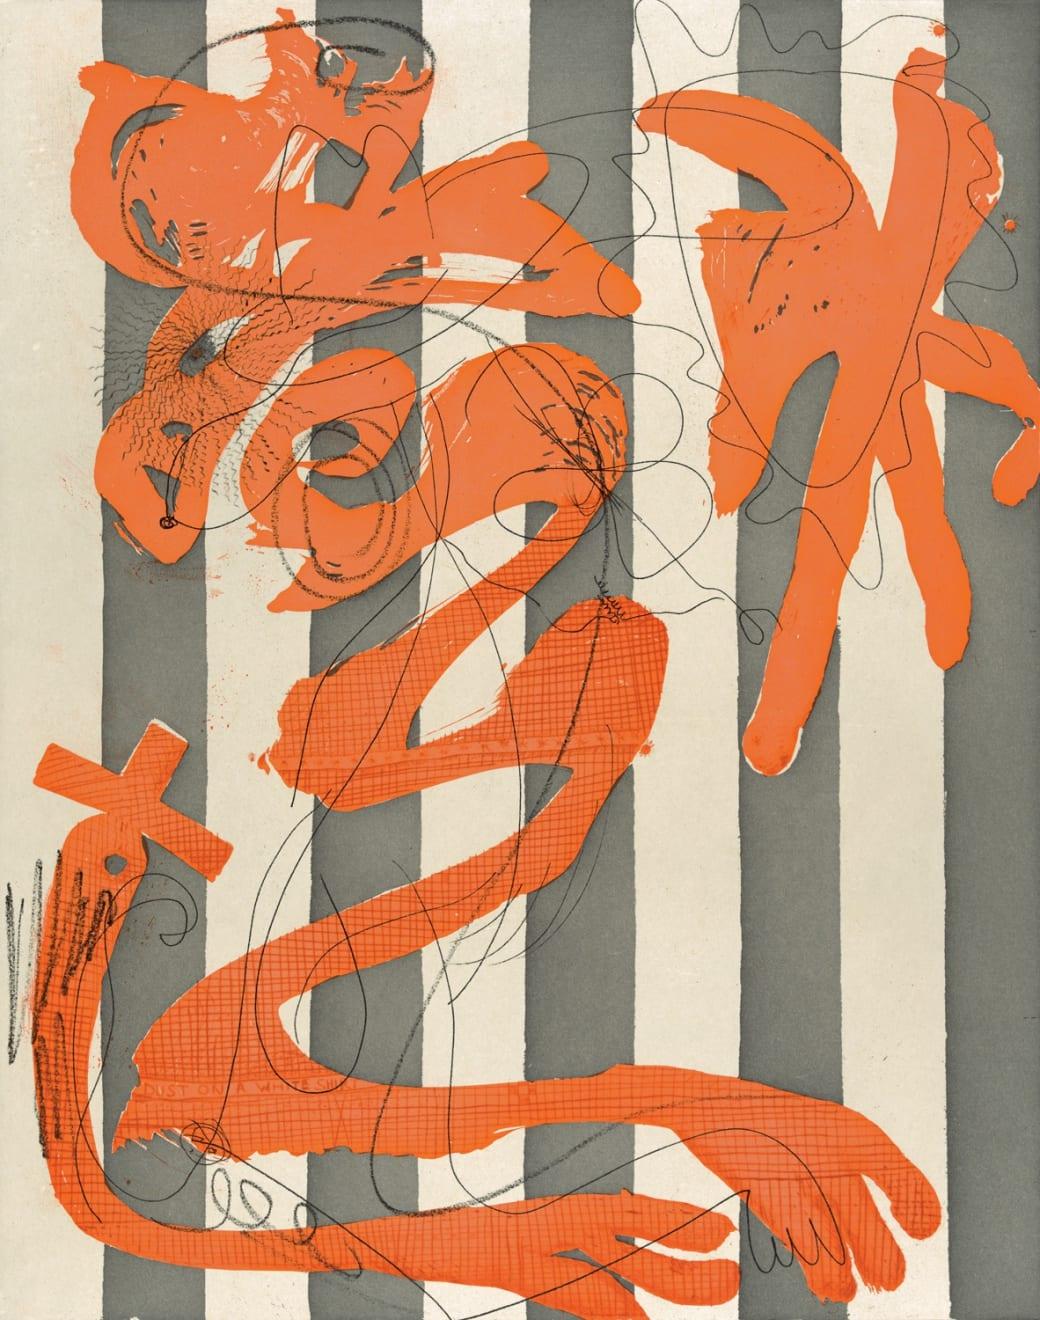 Charline von Heyl, Dust on a White Shirt (Stripes), 2014